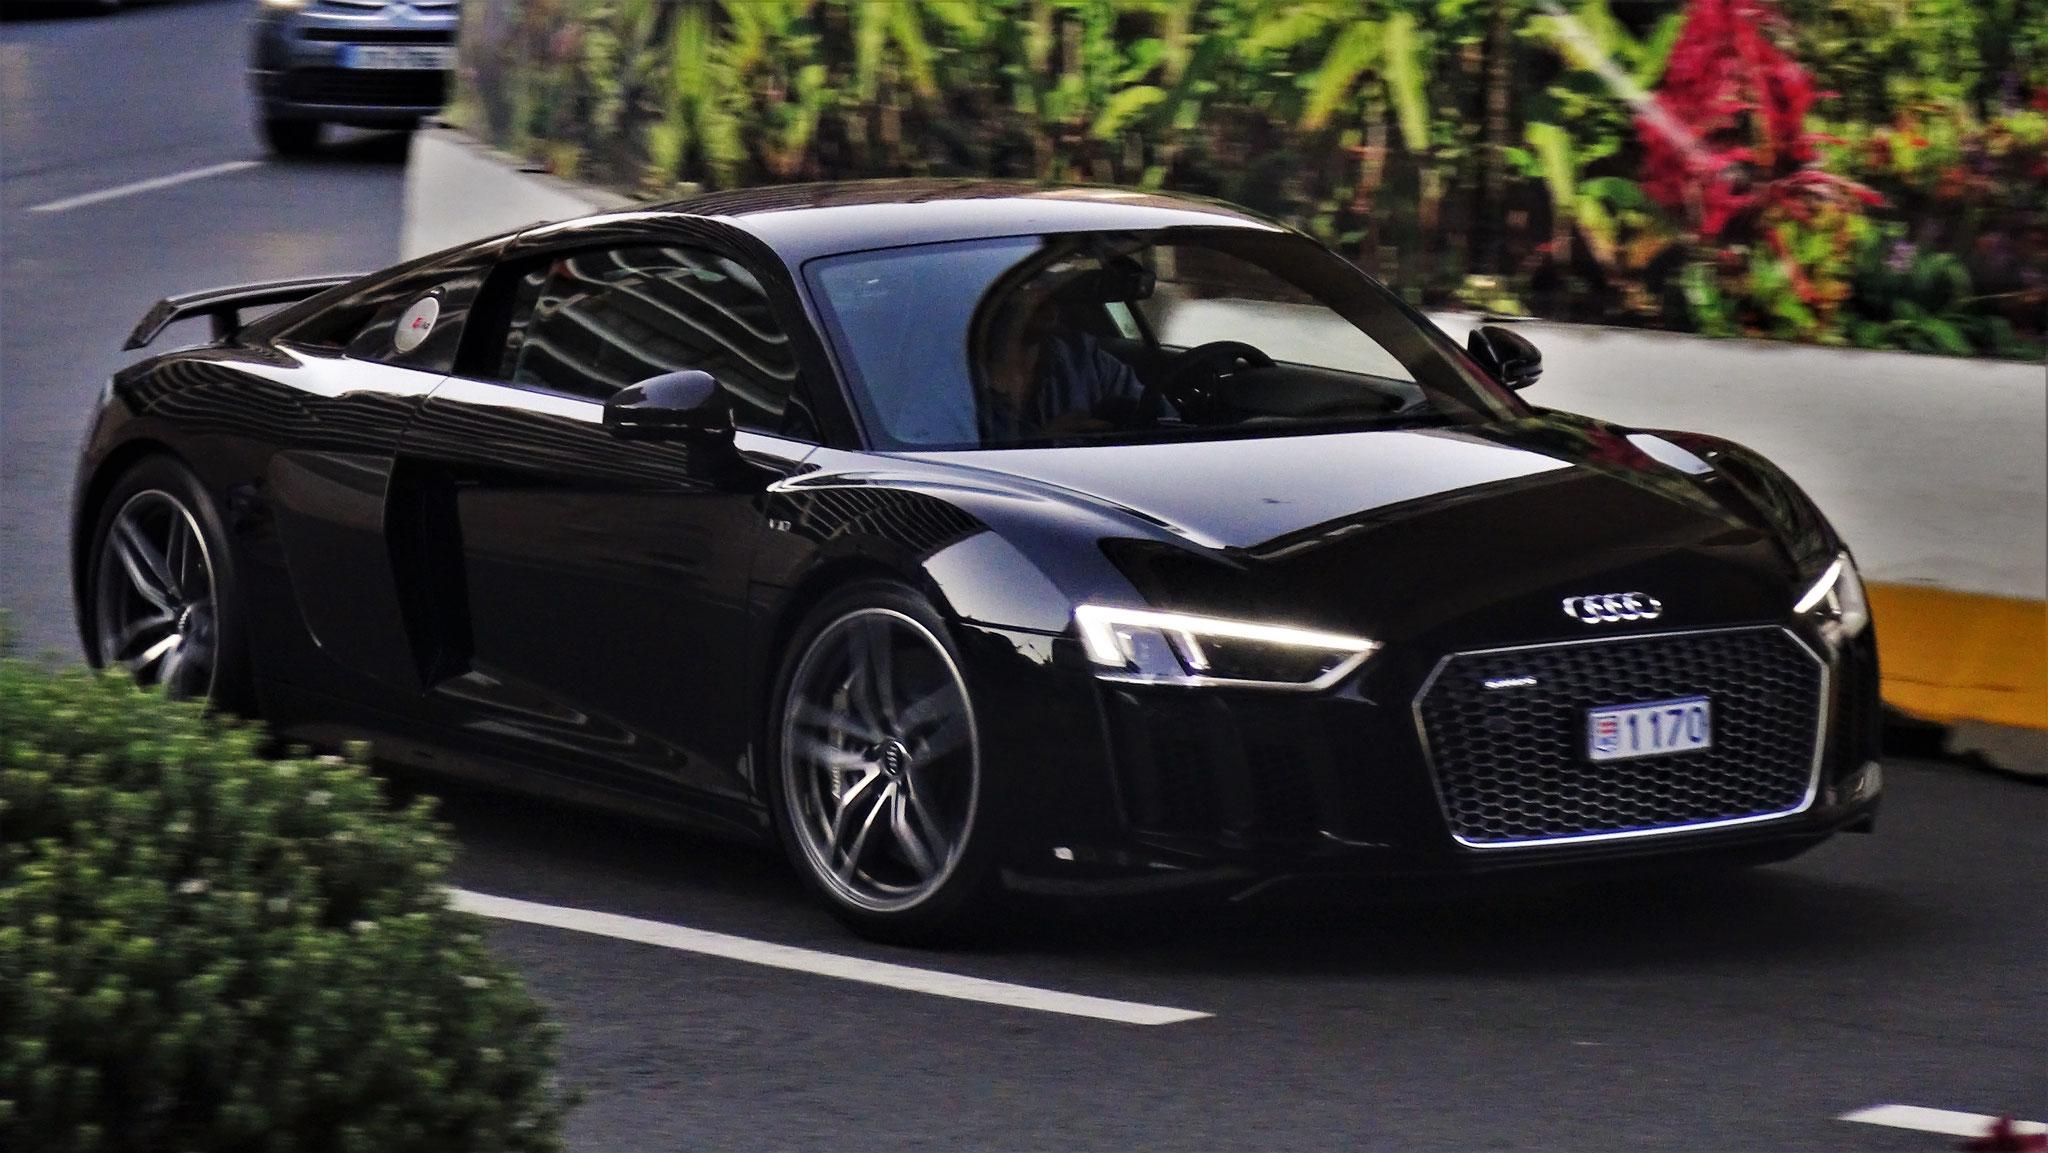 Audi R8 V10 - 1170 (MC)